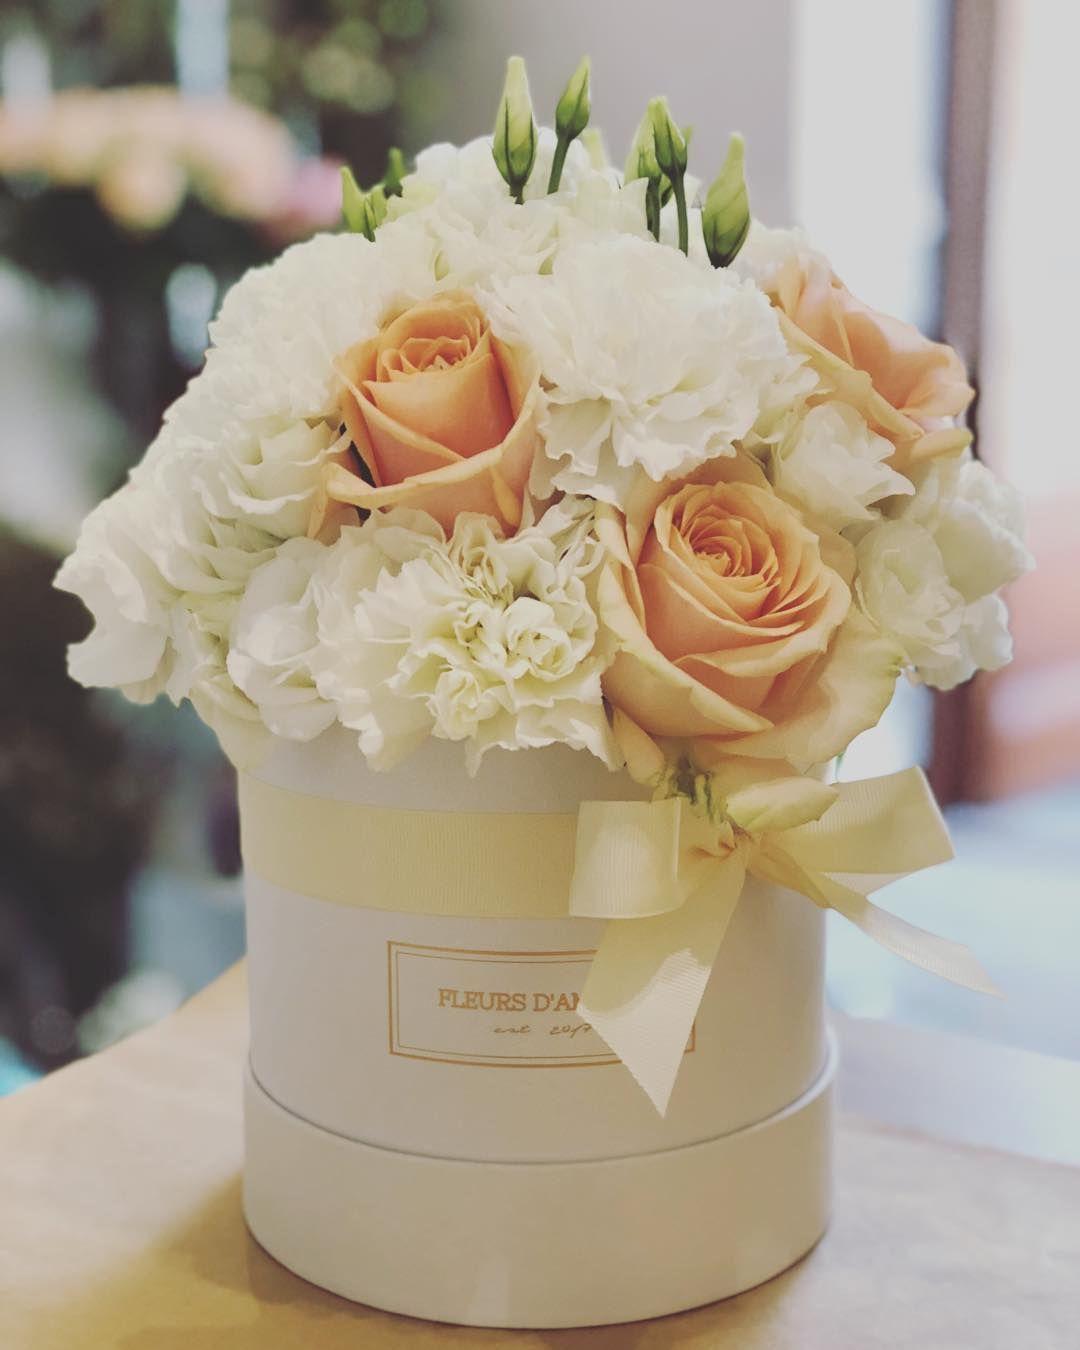 Box Kwiatowy Idealny Na Kazda Okazje Kwiaty Flowers Krakow Box Floverbox Goodday Love Starowislna75 Flowers Table Decorations Decor